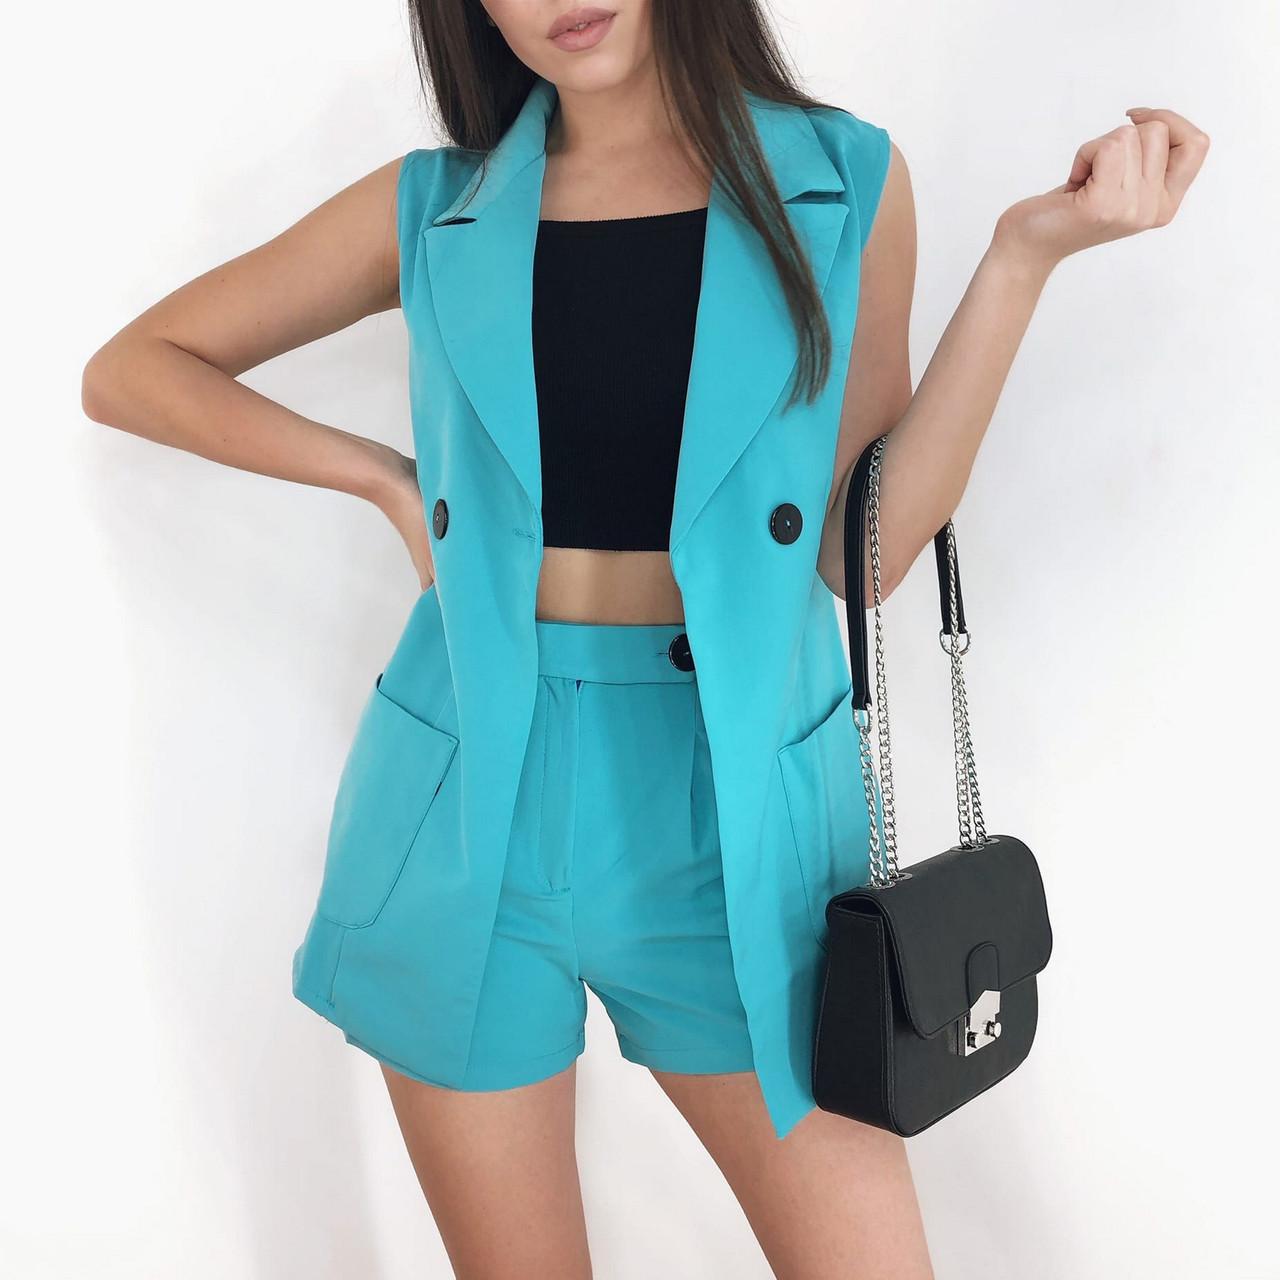 Костюм двойка женский (пиджак без рукавов и шорты), 00955 (Голубой), Размер 42 (S)